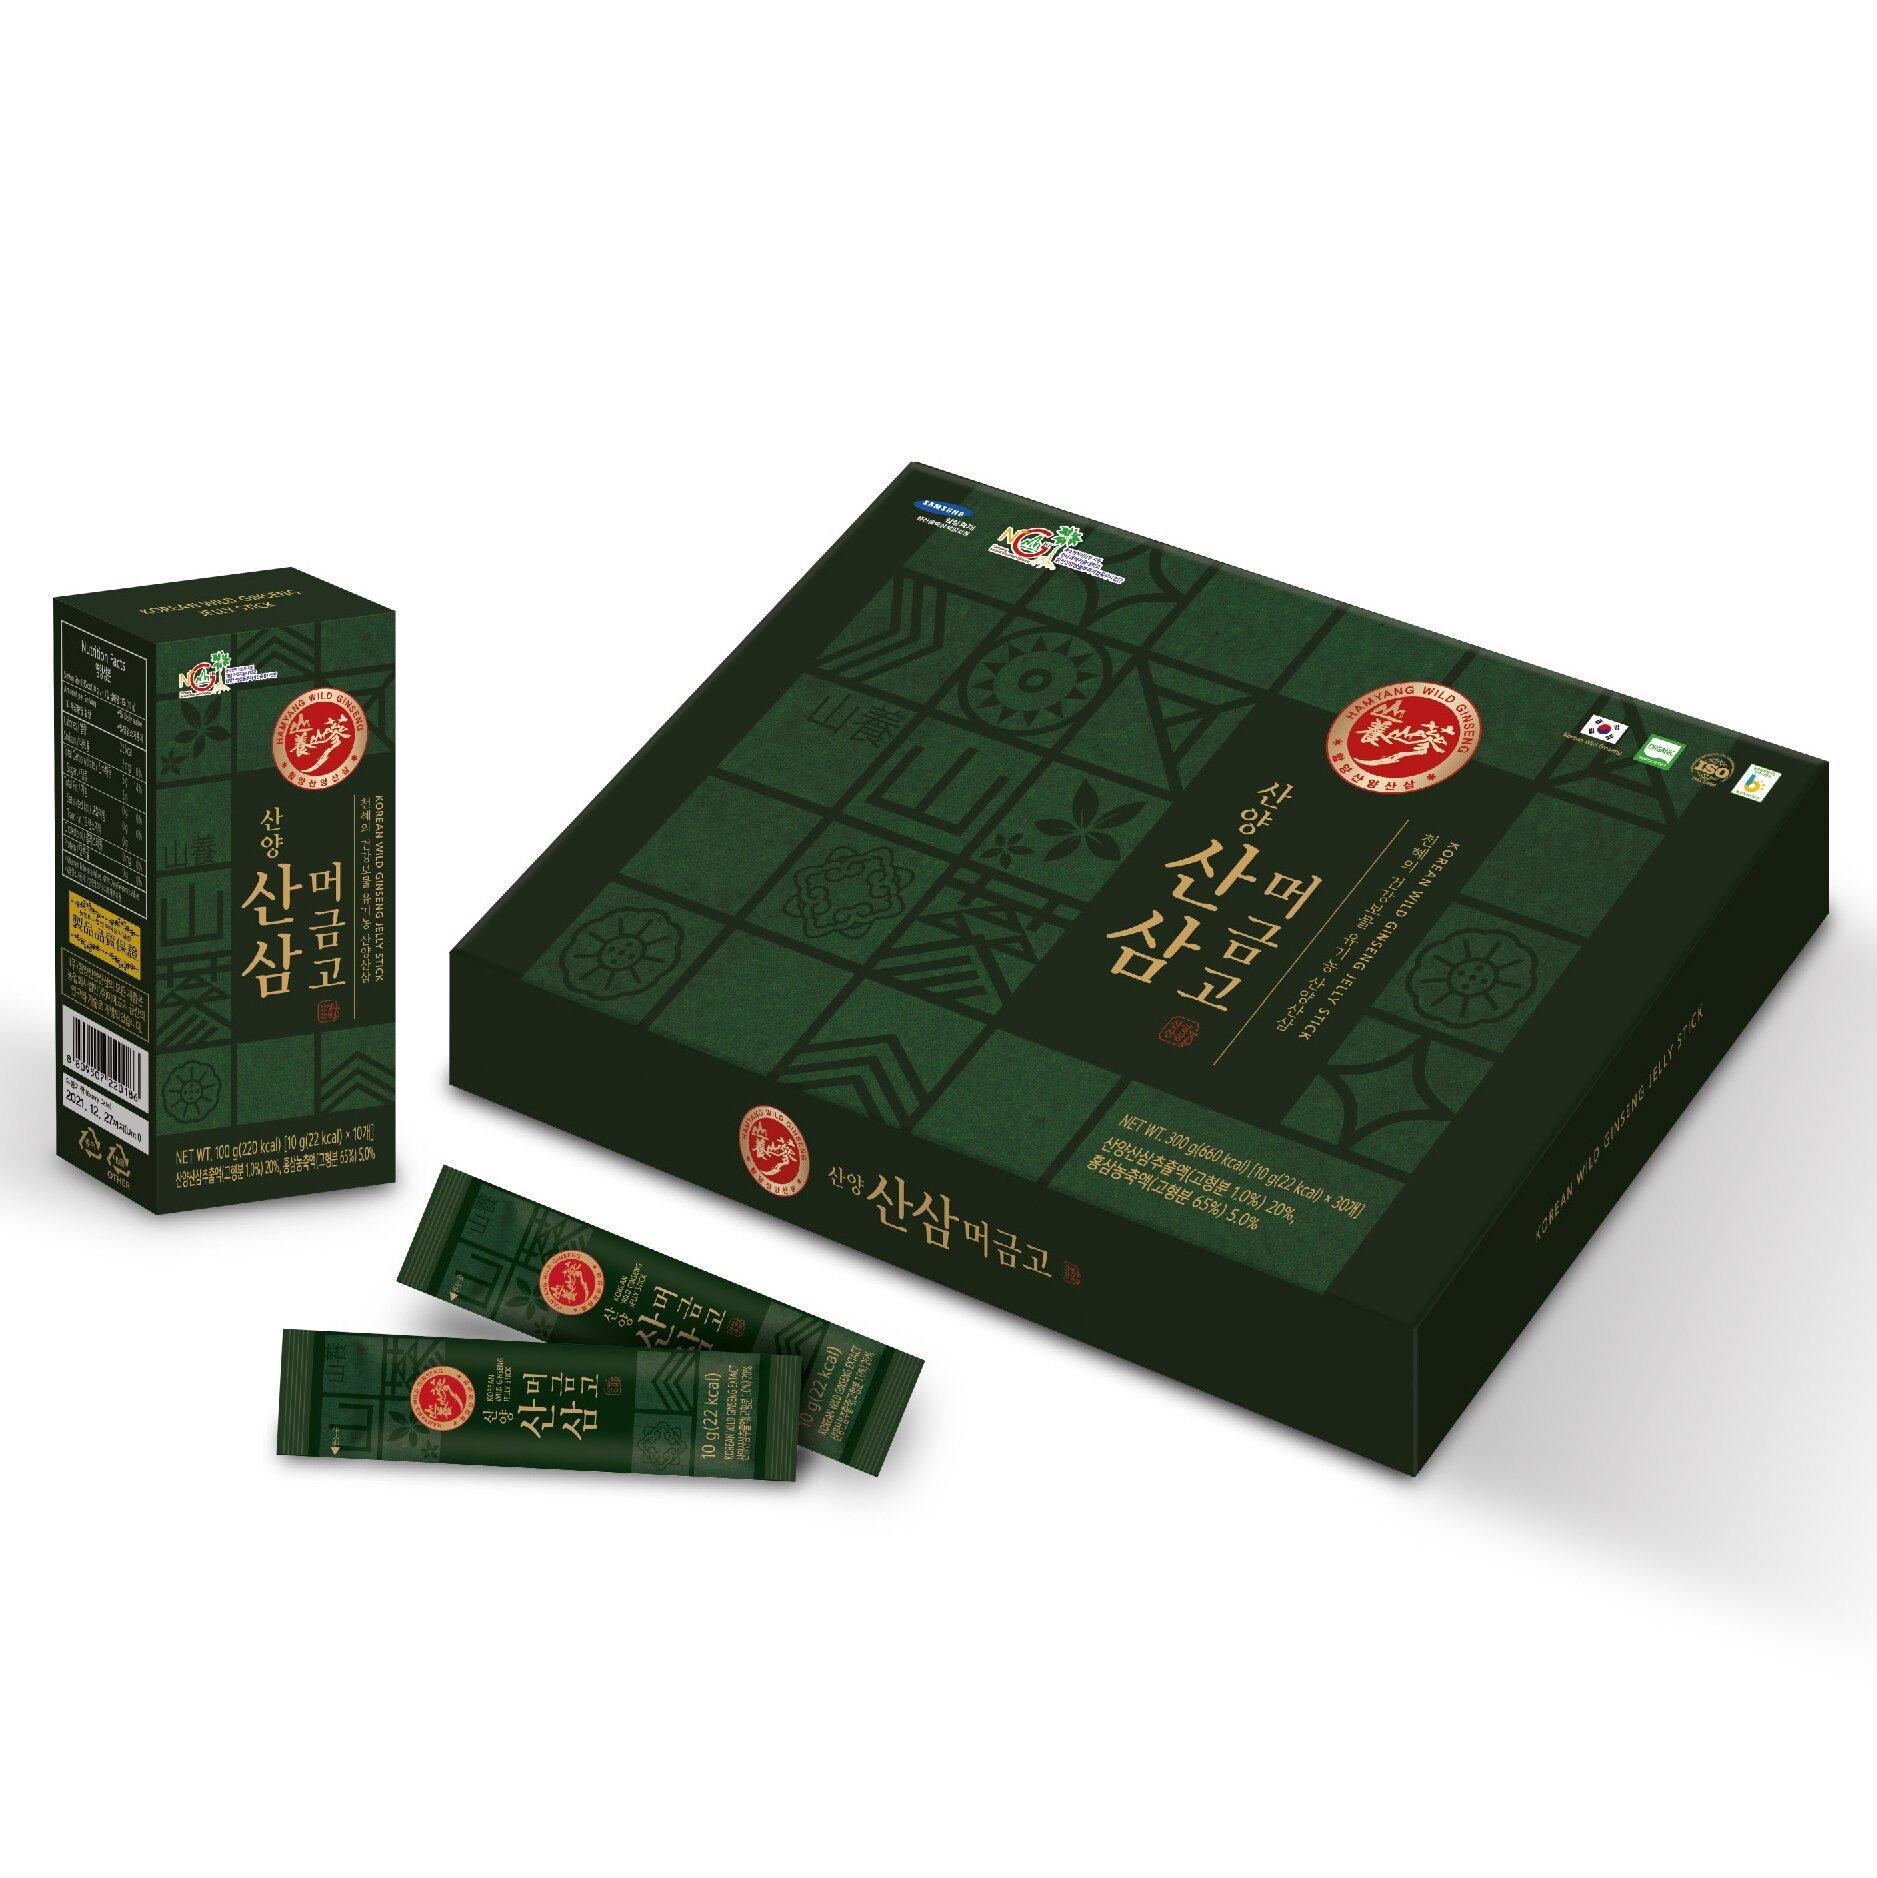 咸陽山養蔘 山養蔘凍飲 1條 10g  30條/盒